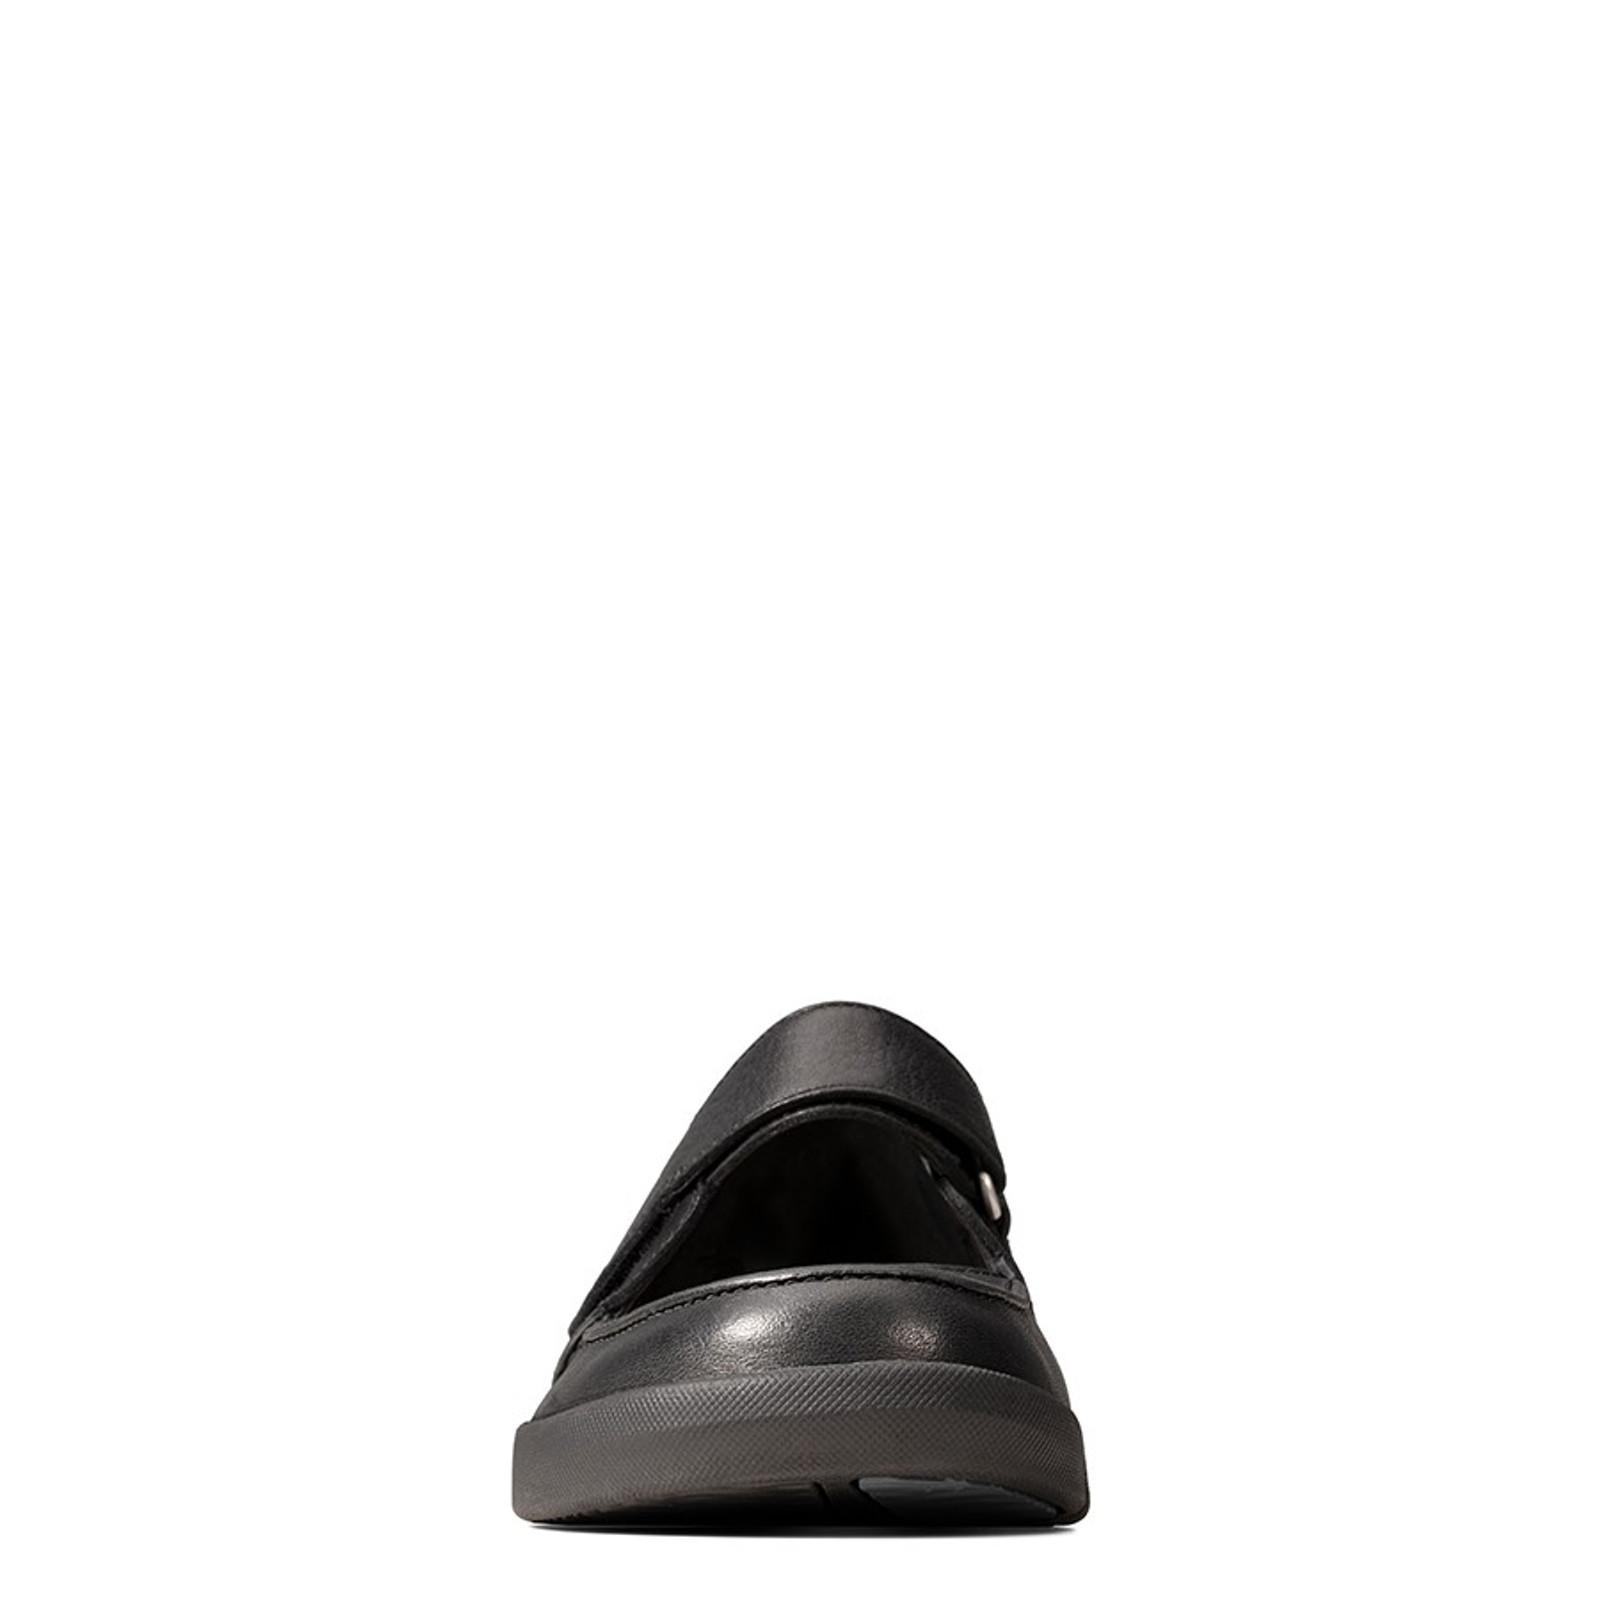 Clarks Womens TRI JASMINE Black Leather